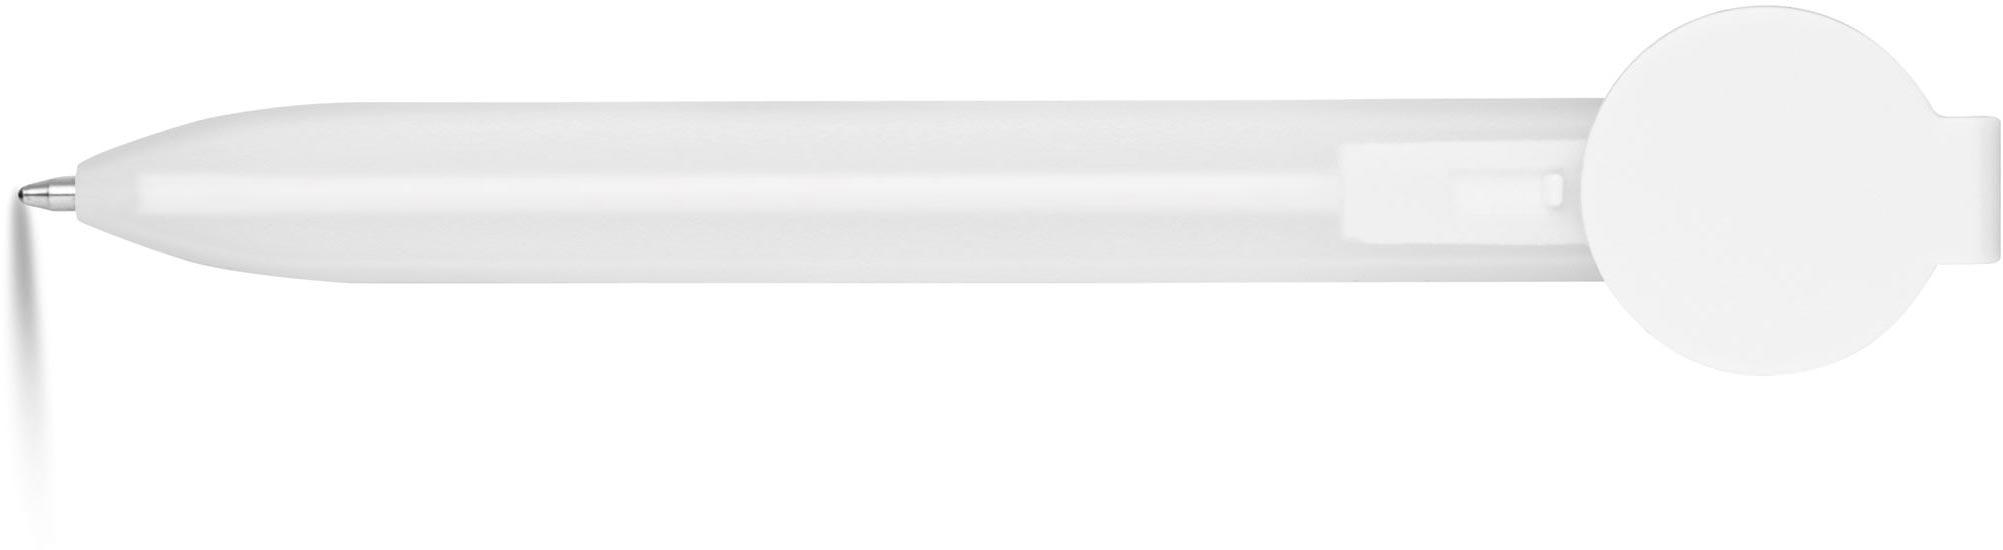 COOKIE Kuličkové pero bílé